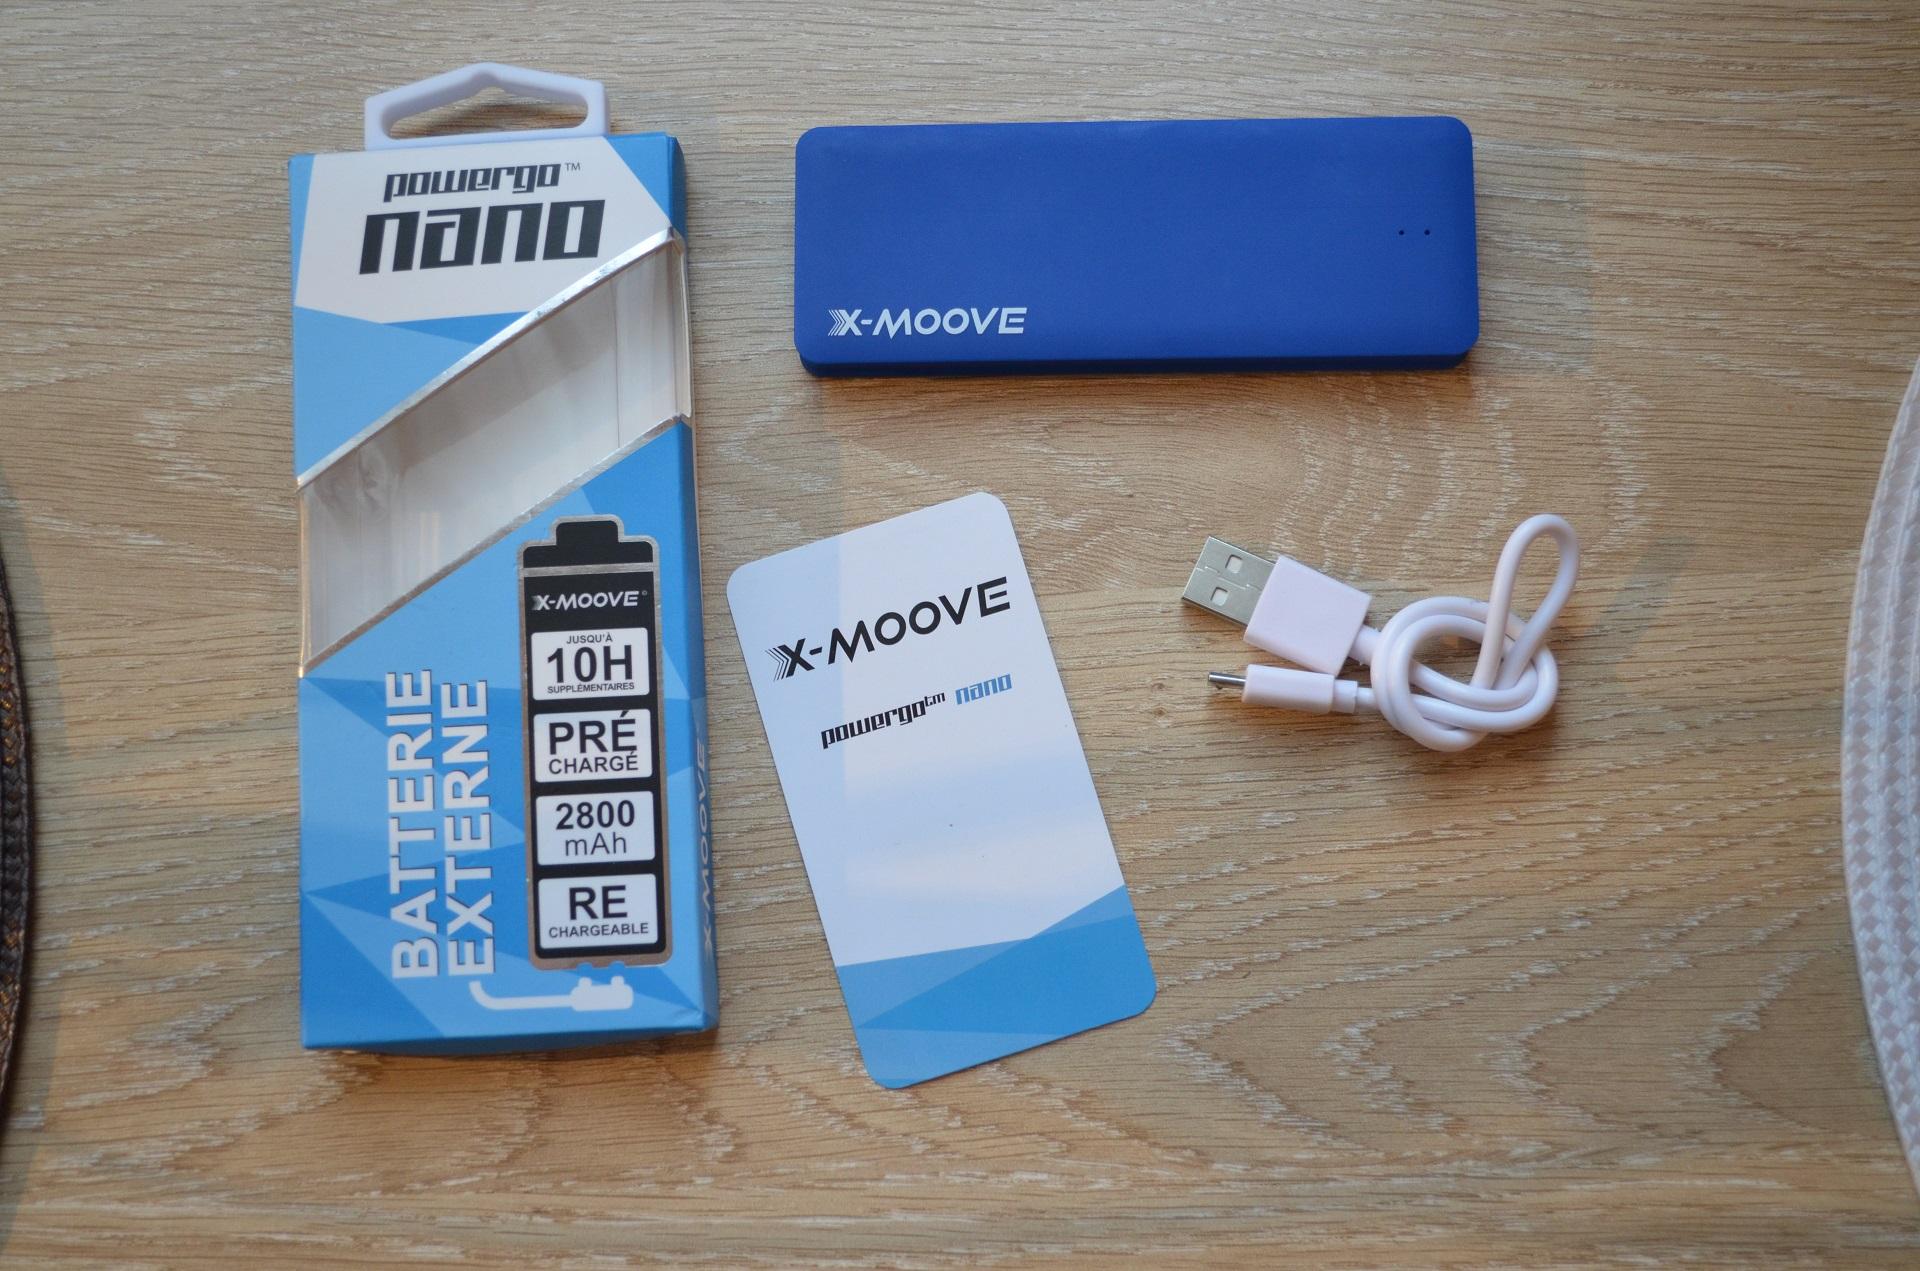 X-Moove2